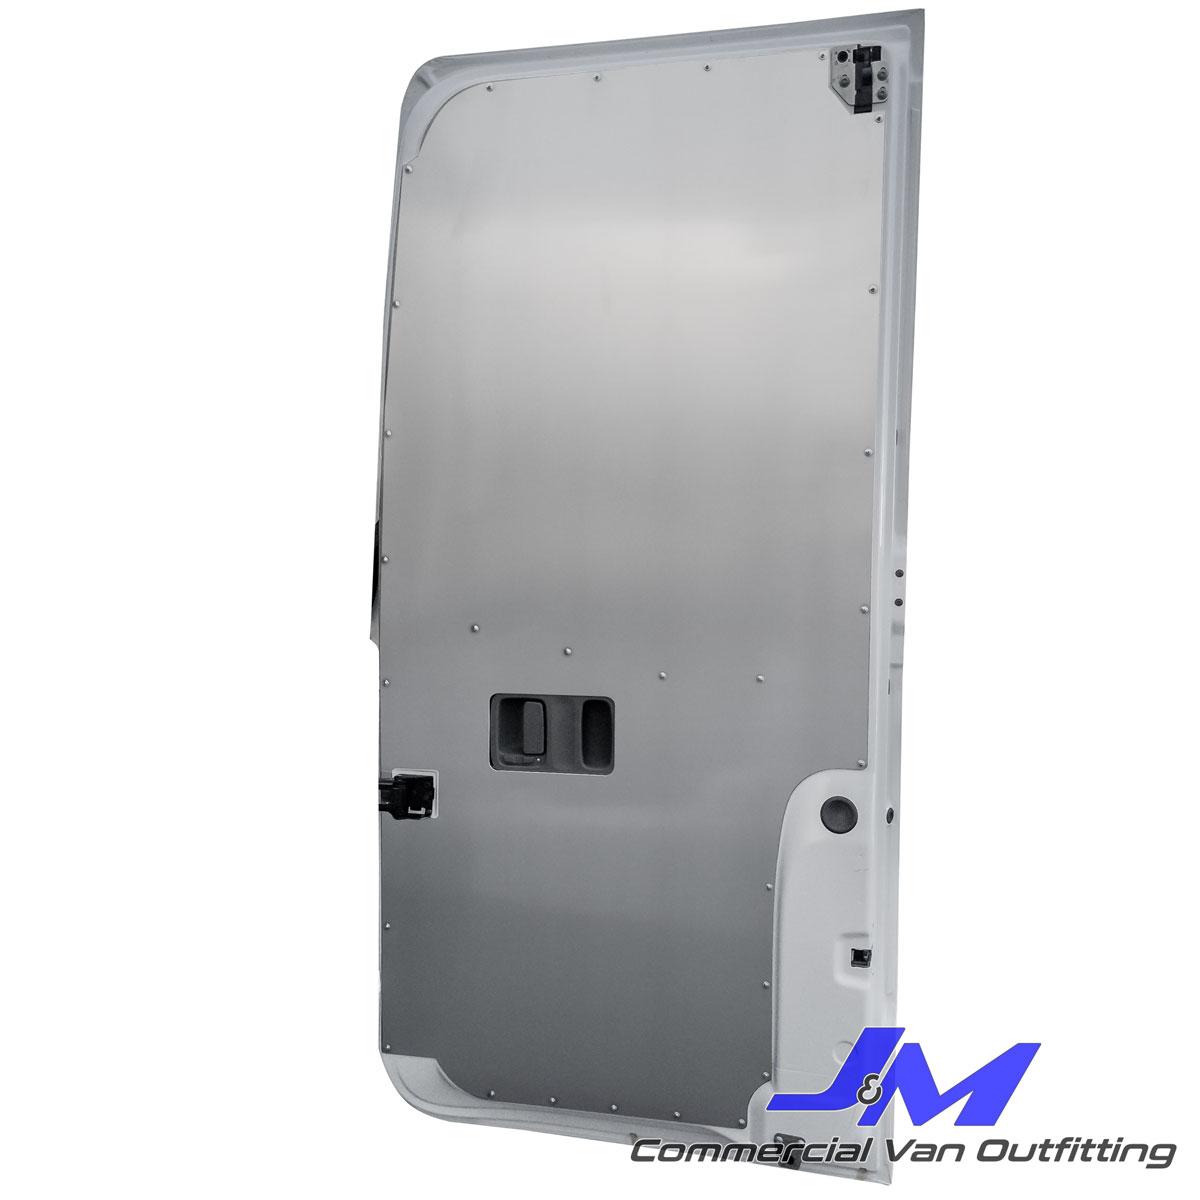 2007-18 Sprinter Door PanelLow Roof Rear Full PassengerSKU: 050074